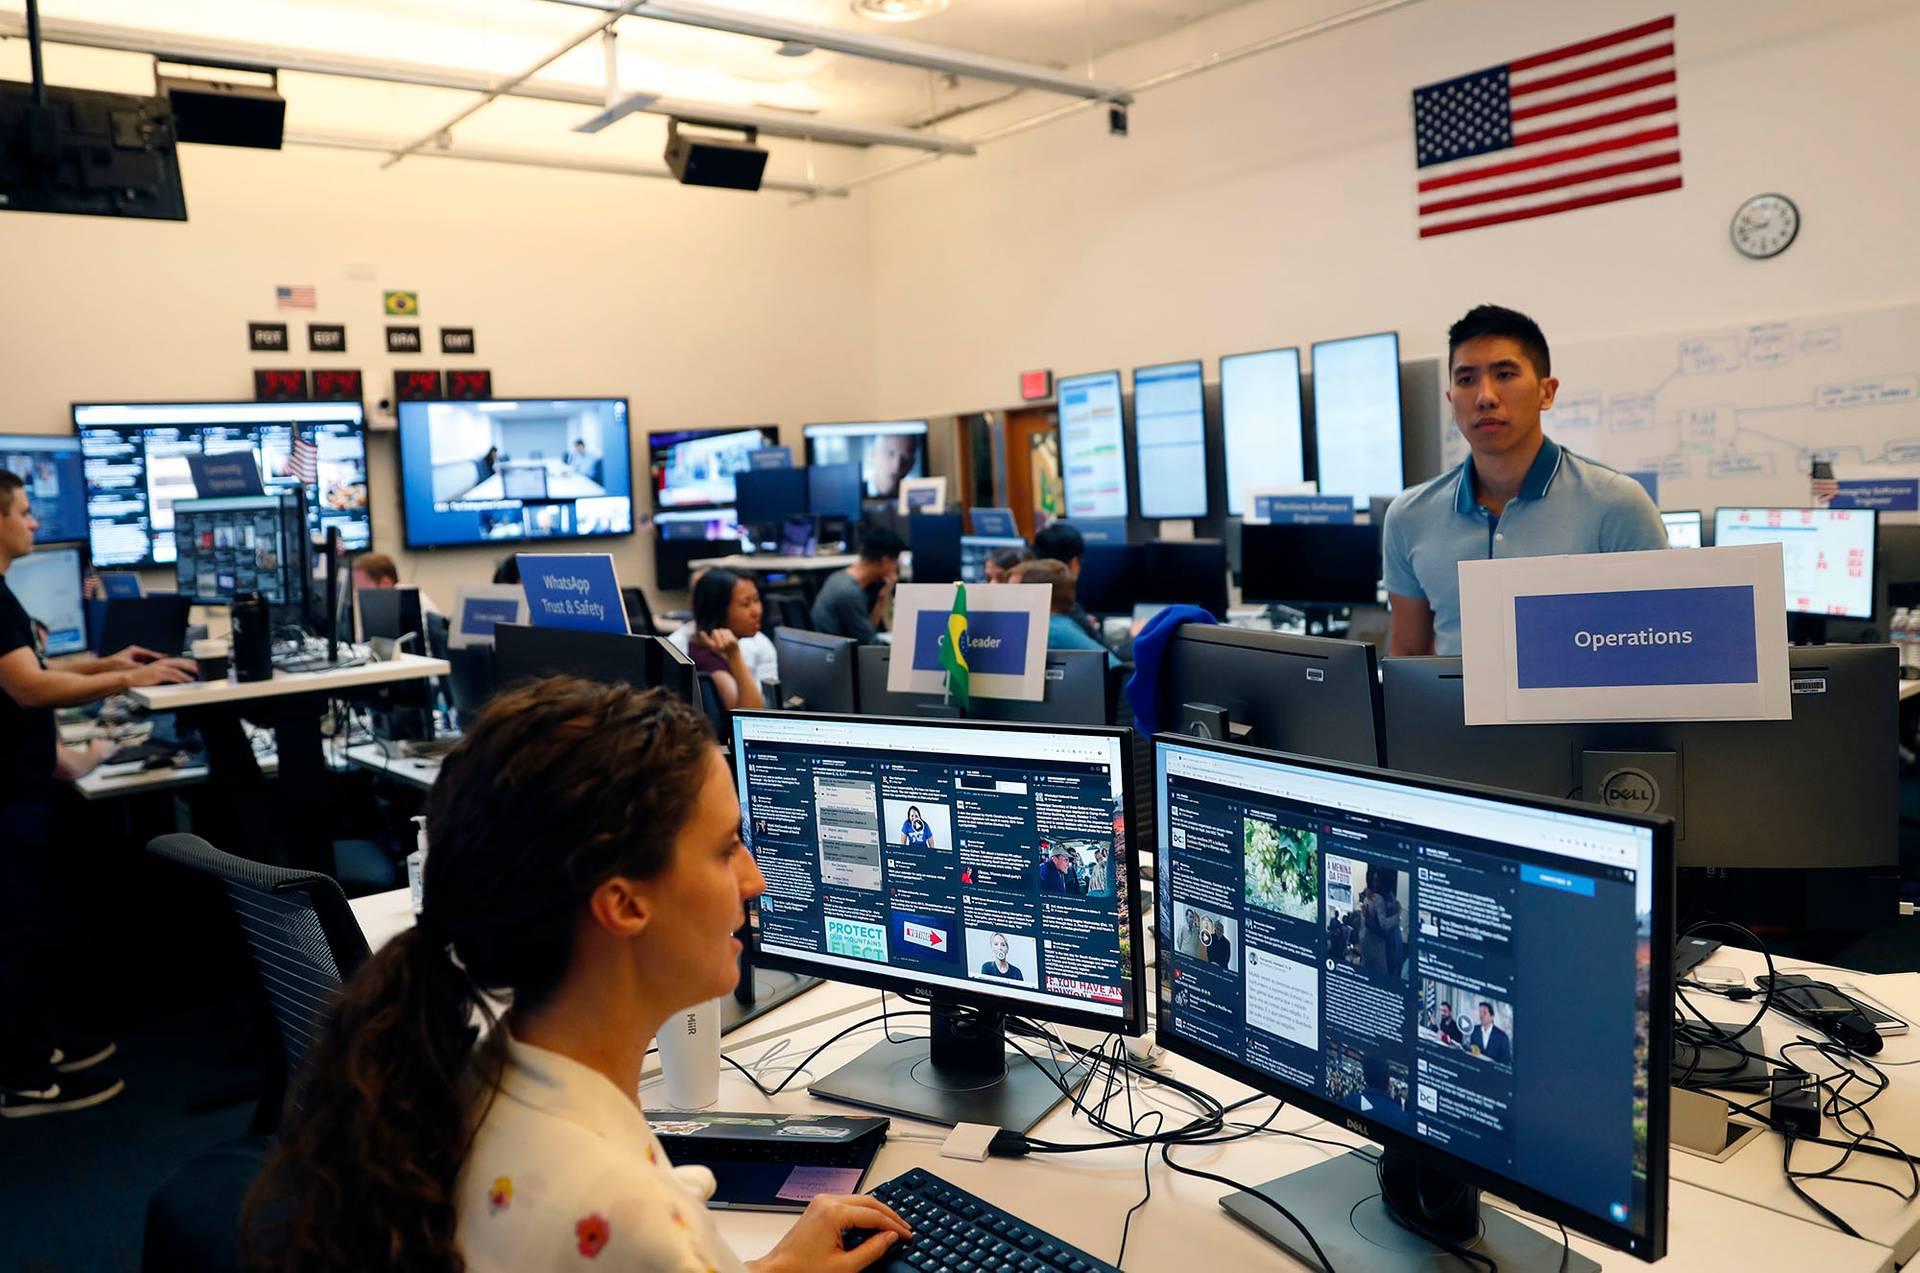 Эксперты и аналитики Facebook во вновь War Room (Военная комната) в Менло-Парк, Калифорния, США, 17 октября 2018 года. Facebook создала специальный отдел (War Room), который борется с дезинформацией и попытками распространения фейков через соцсети